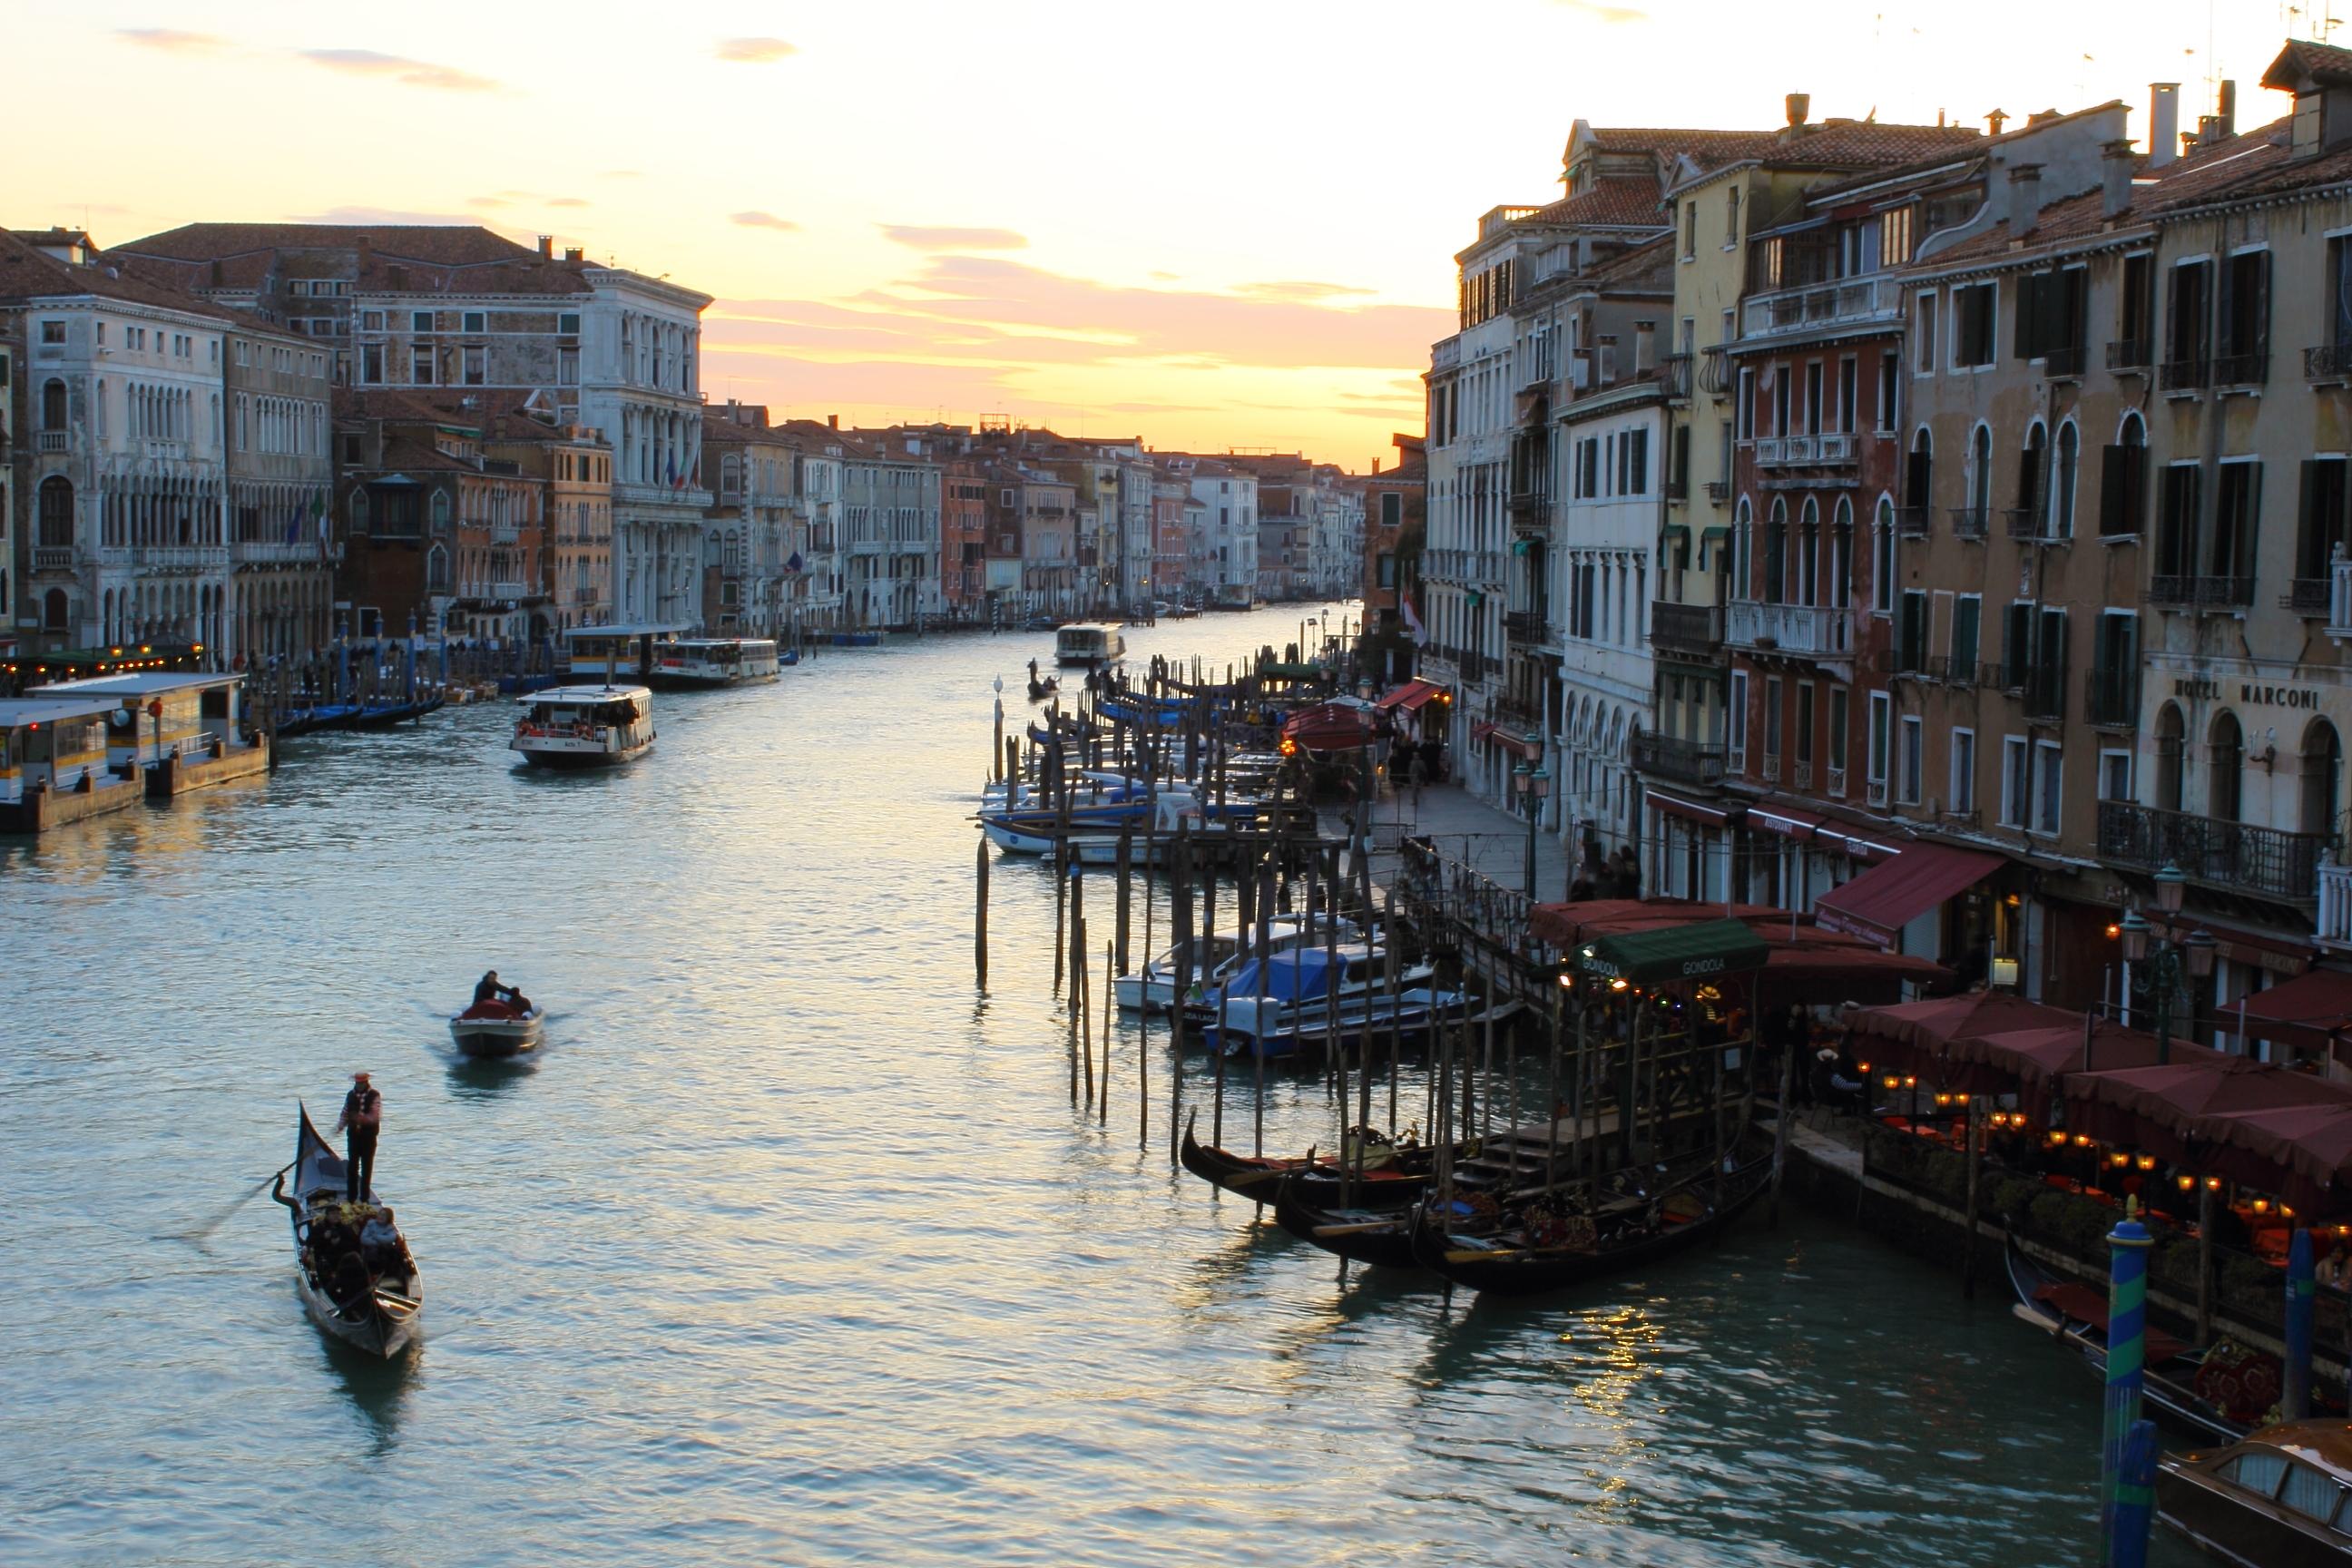 Pažintinė kelionė į Italiją. Šiaurės Italija su Gardaland pramogų parku 2